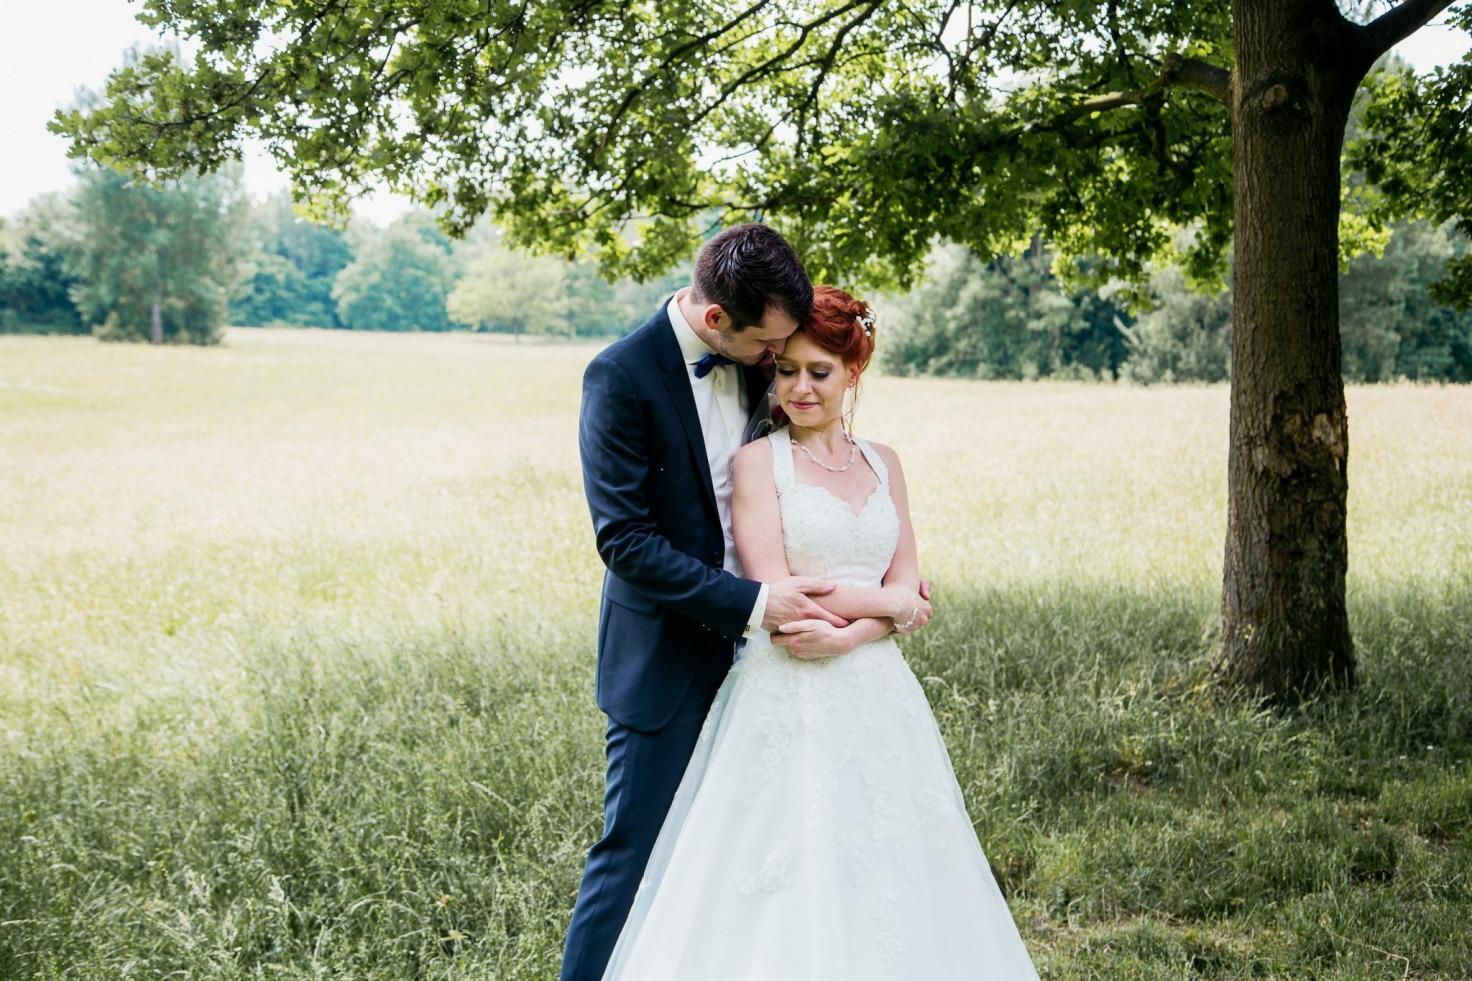 Hochzeit von Tine und Basti in Münster: Ehemann hält seine Braut fest im Arm